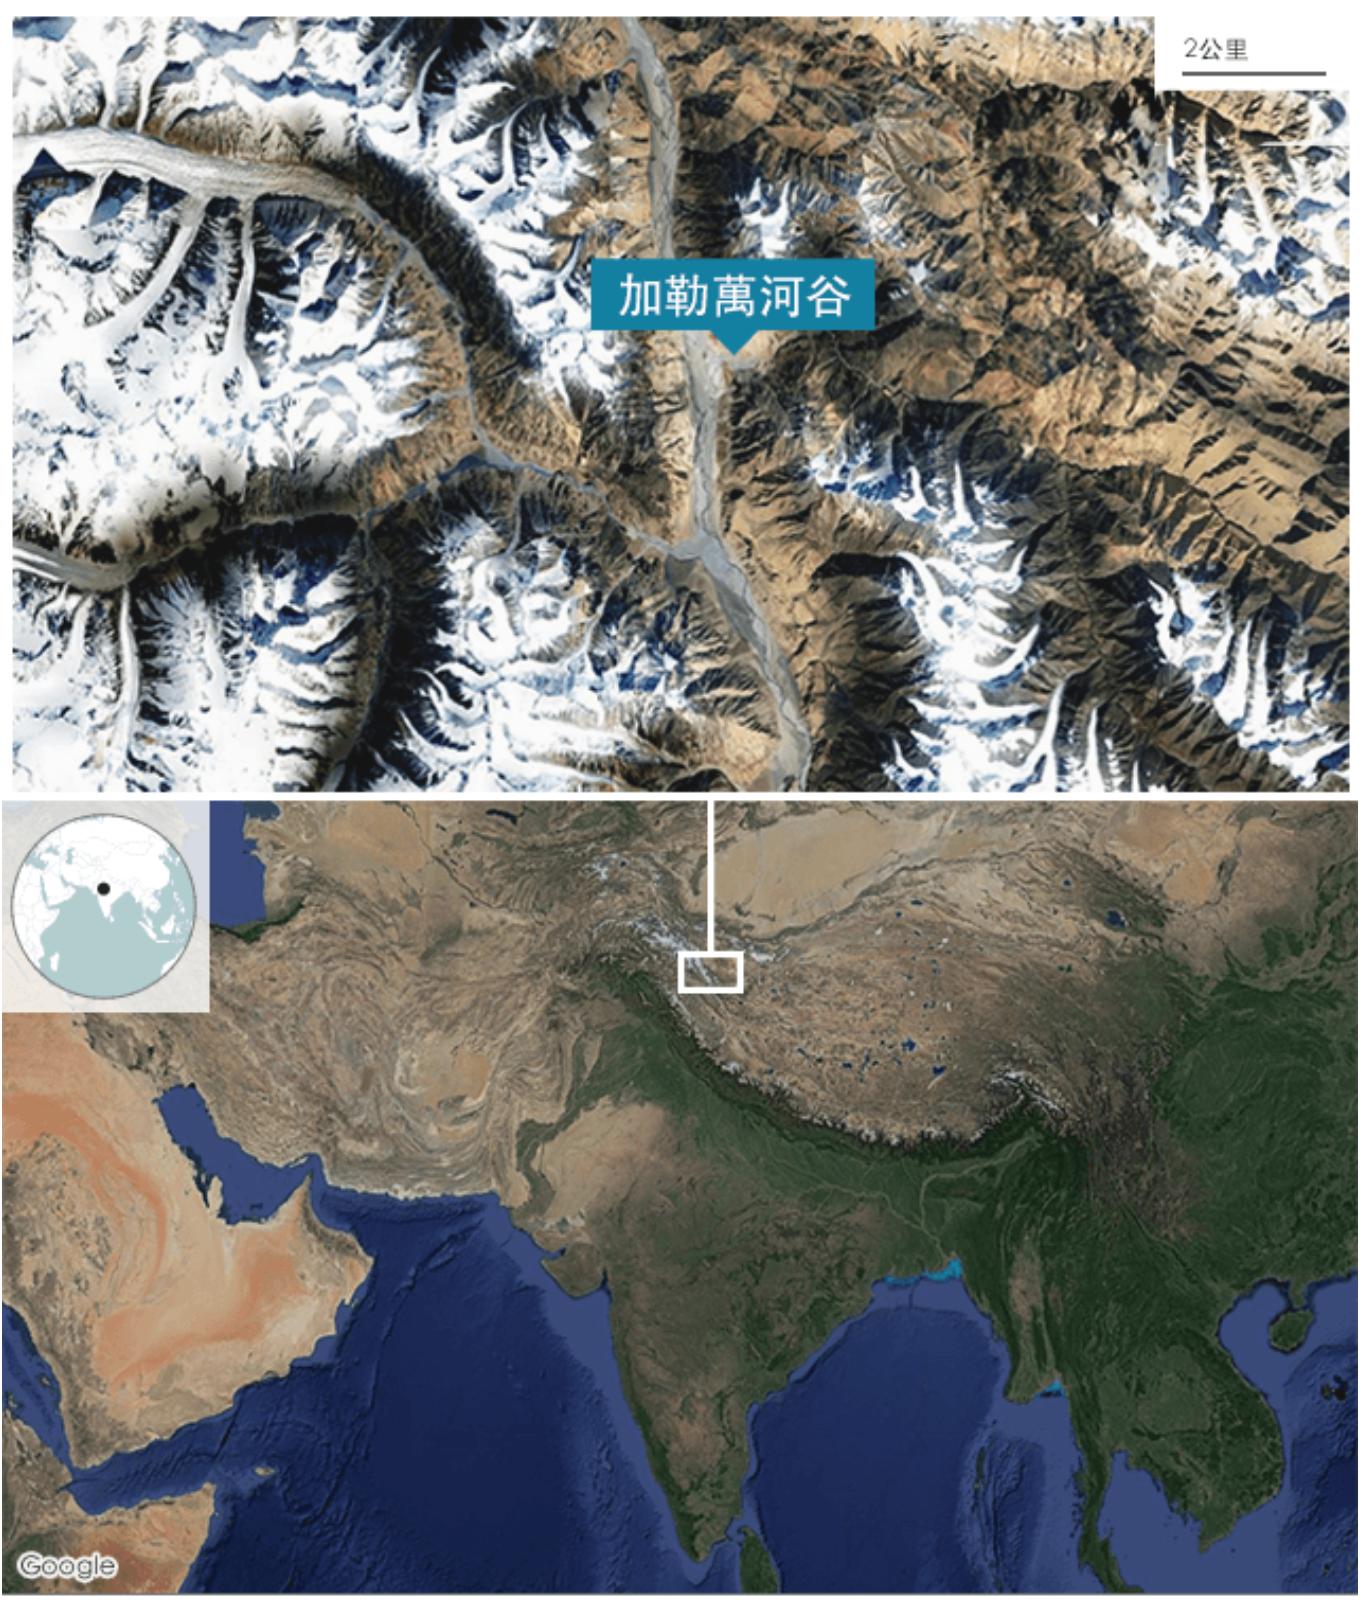 中印边境流血冲突究竟是怎么回事?_图1-2